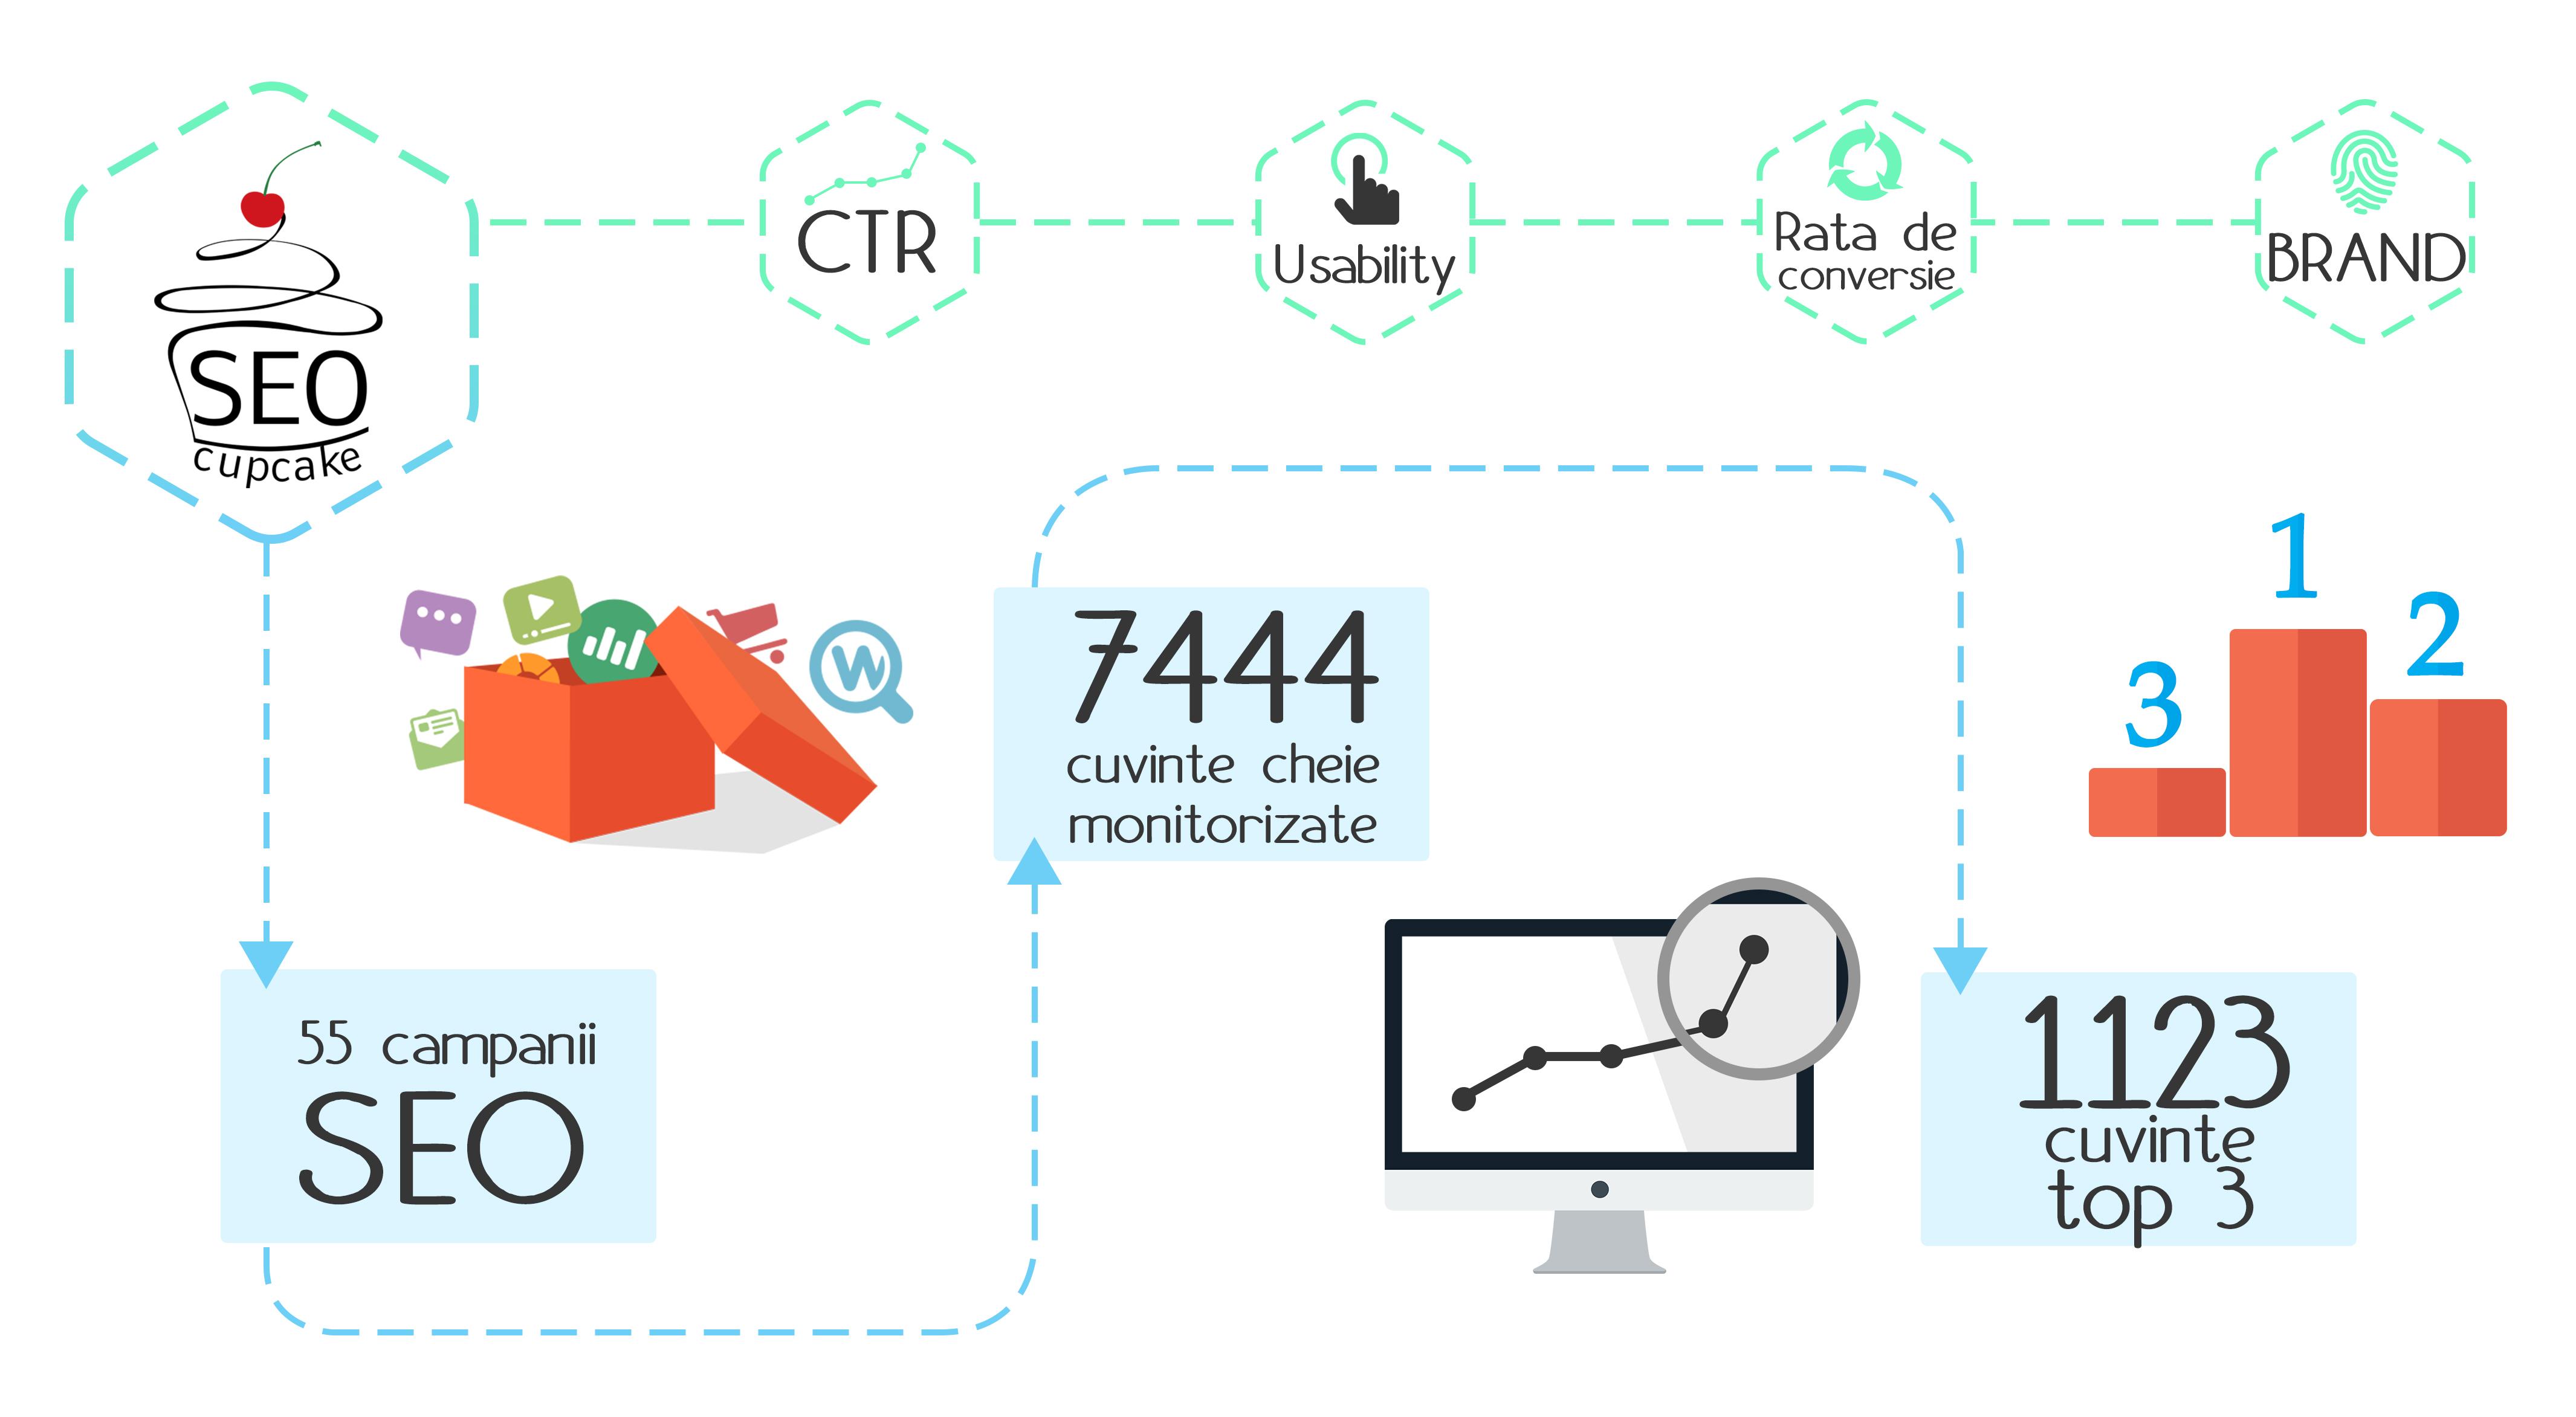 Cheia succesului site-urilor este optimizarea SEO